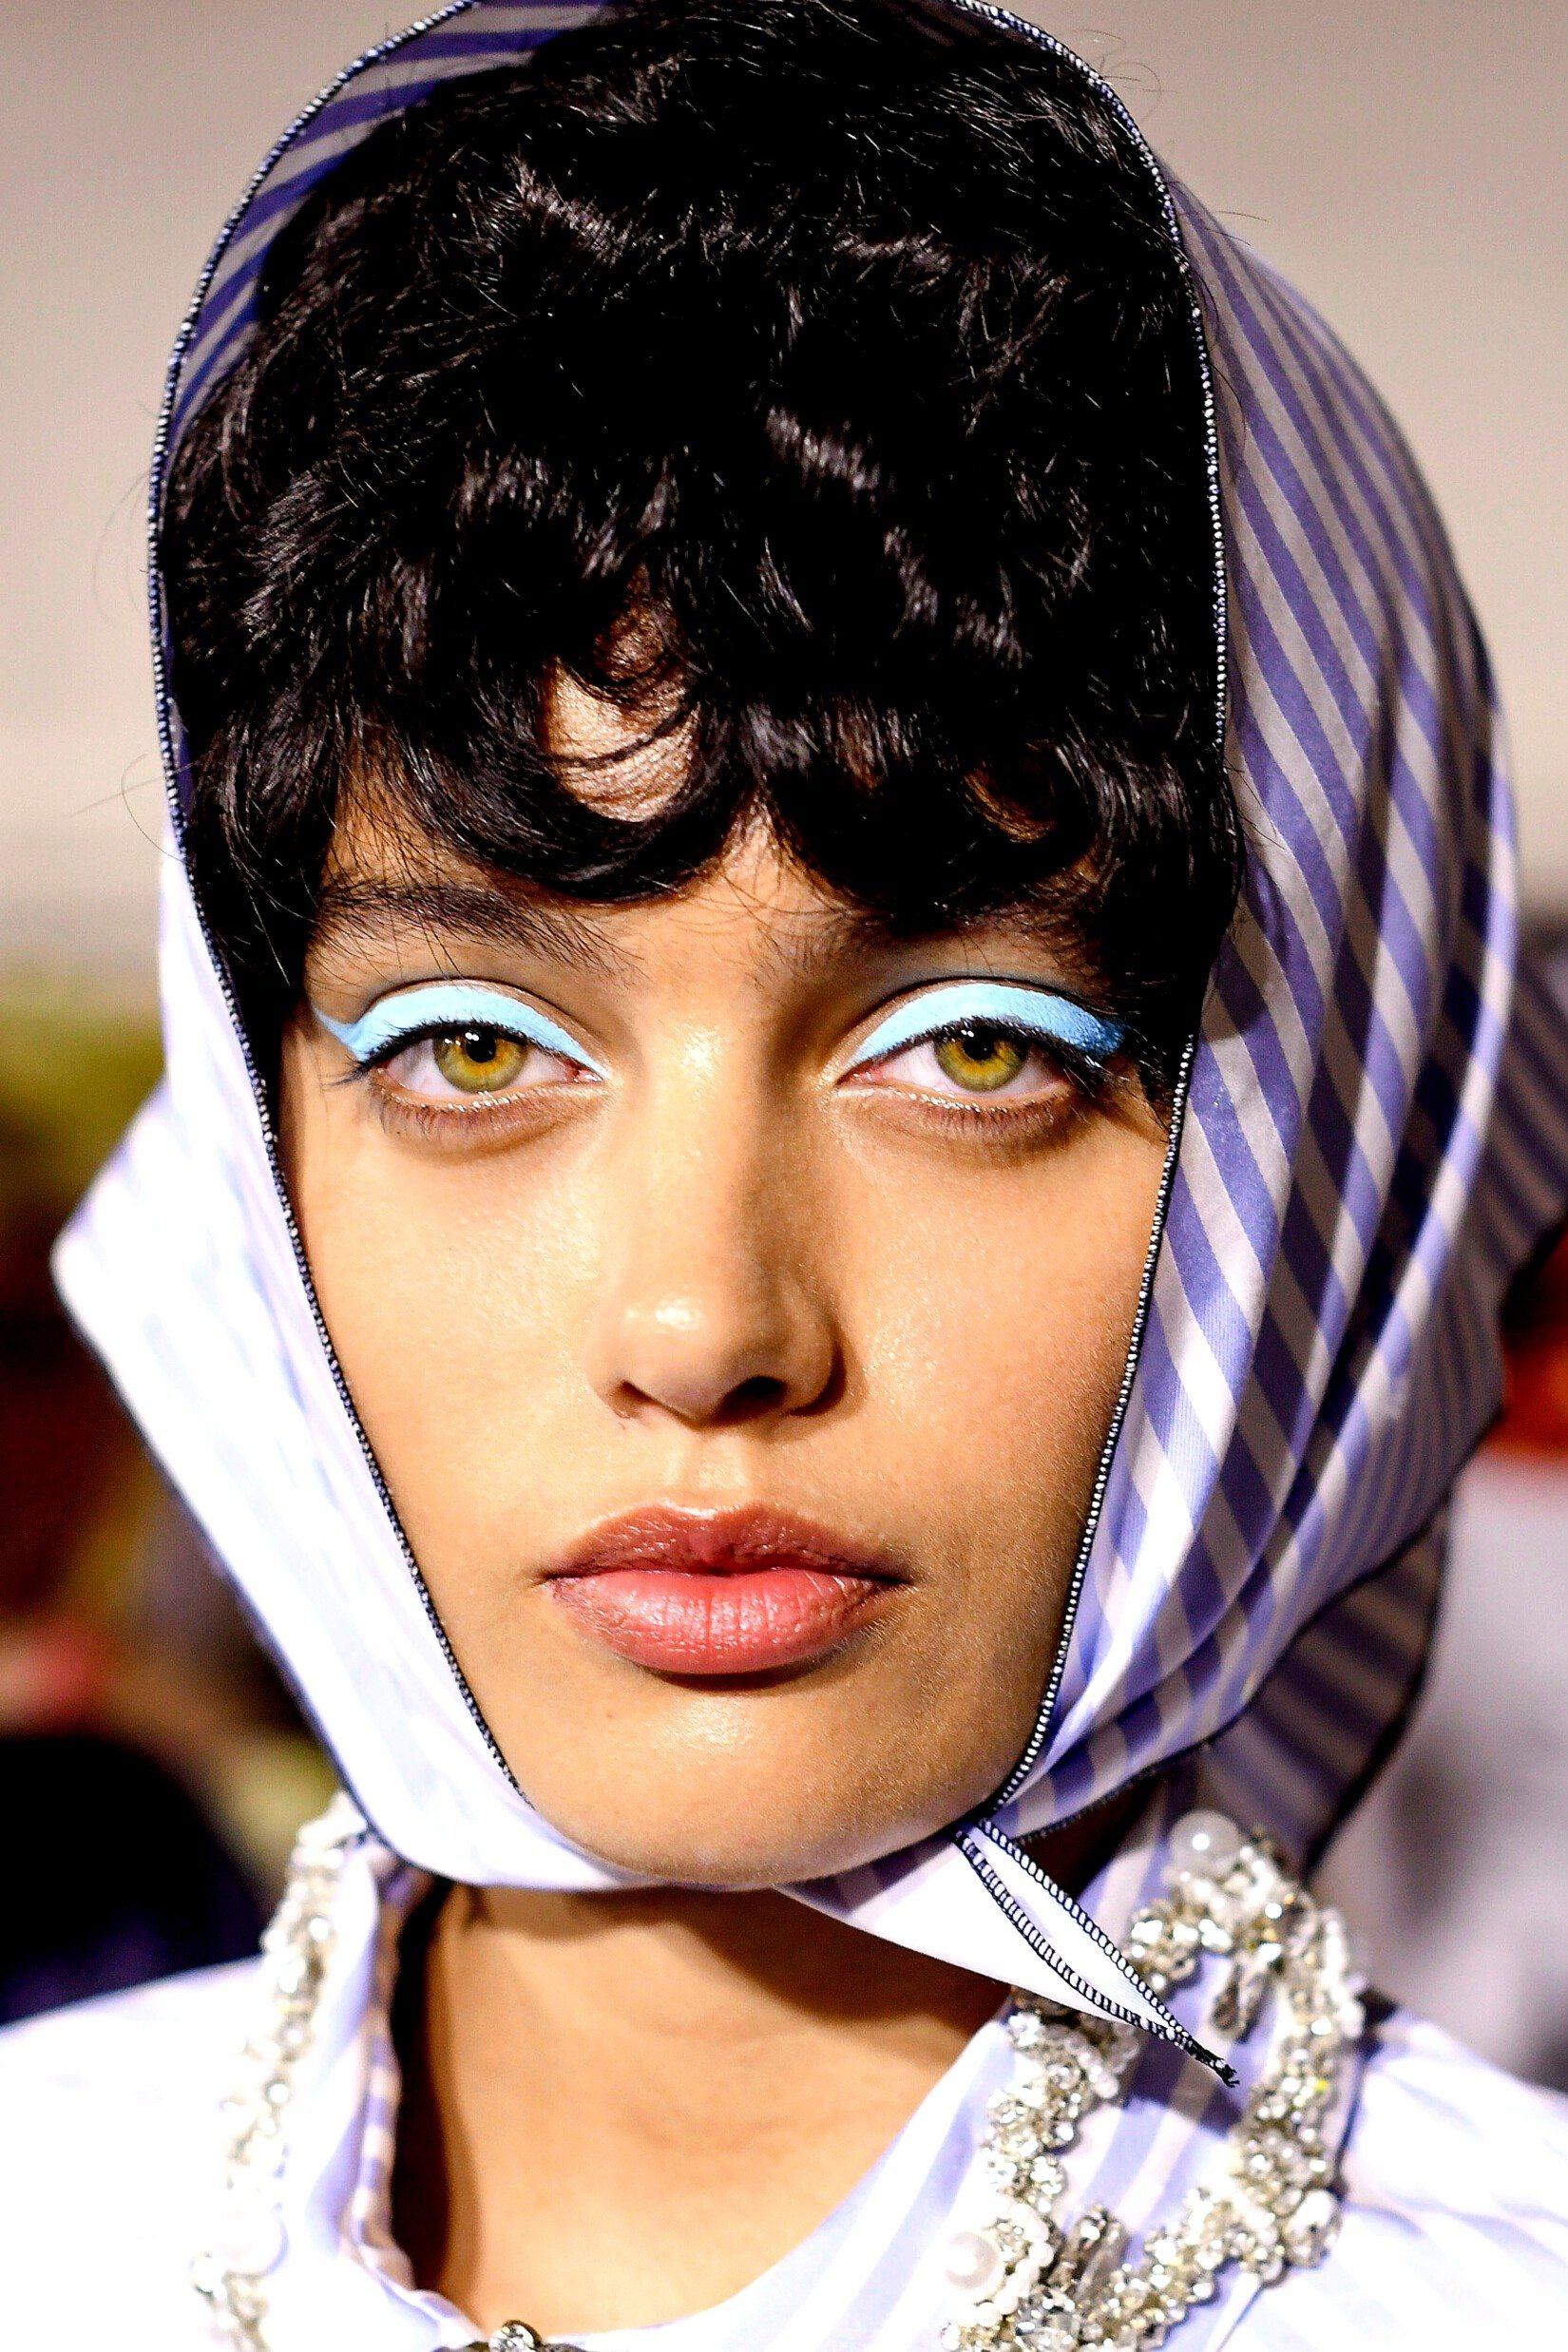 L'eyeliner coloré: la touche tendance de maquillage